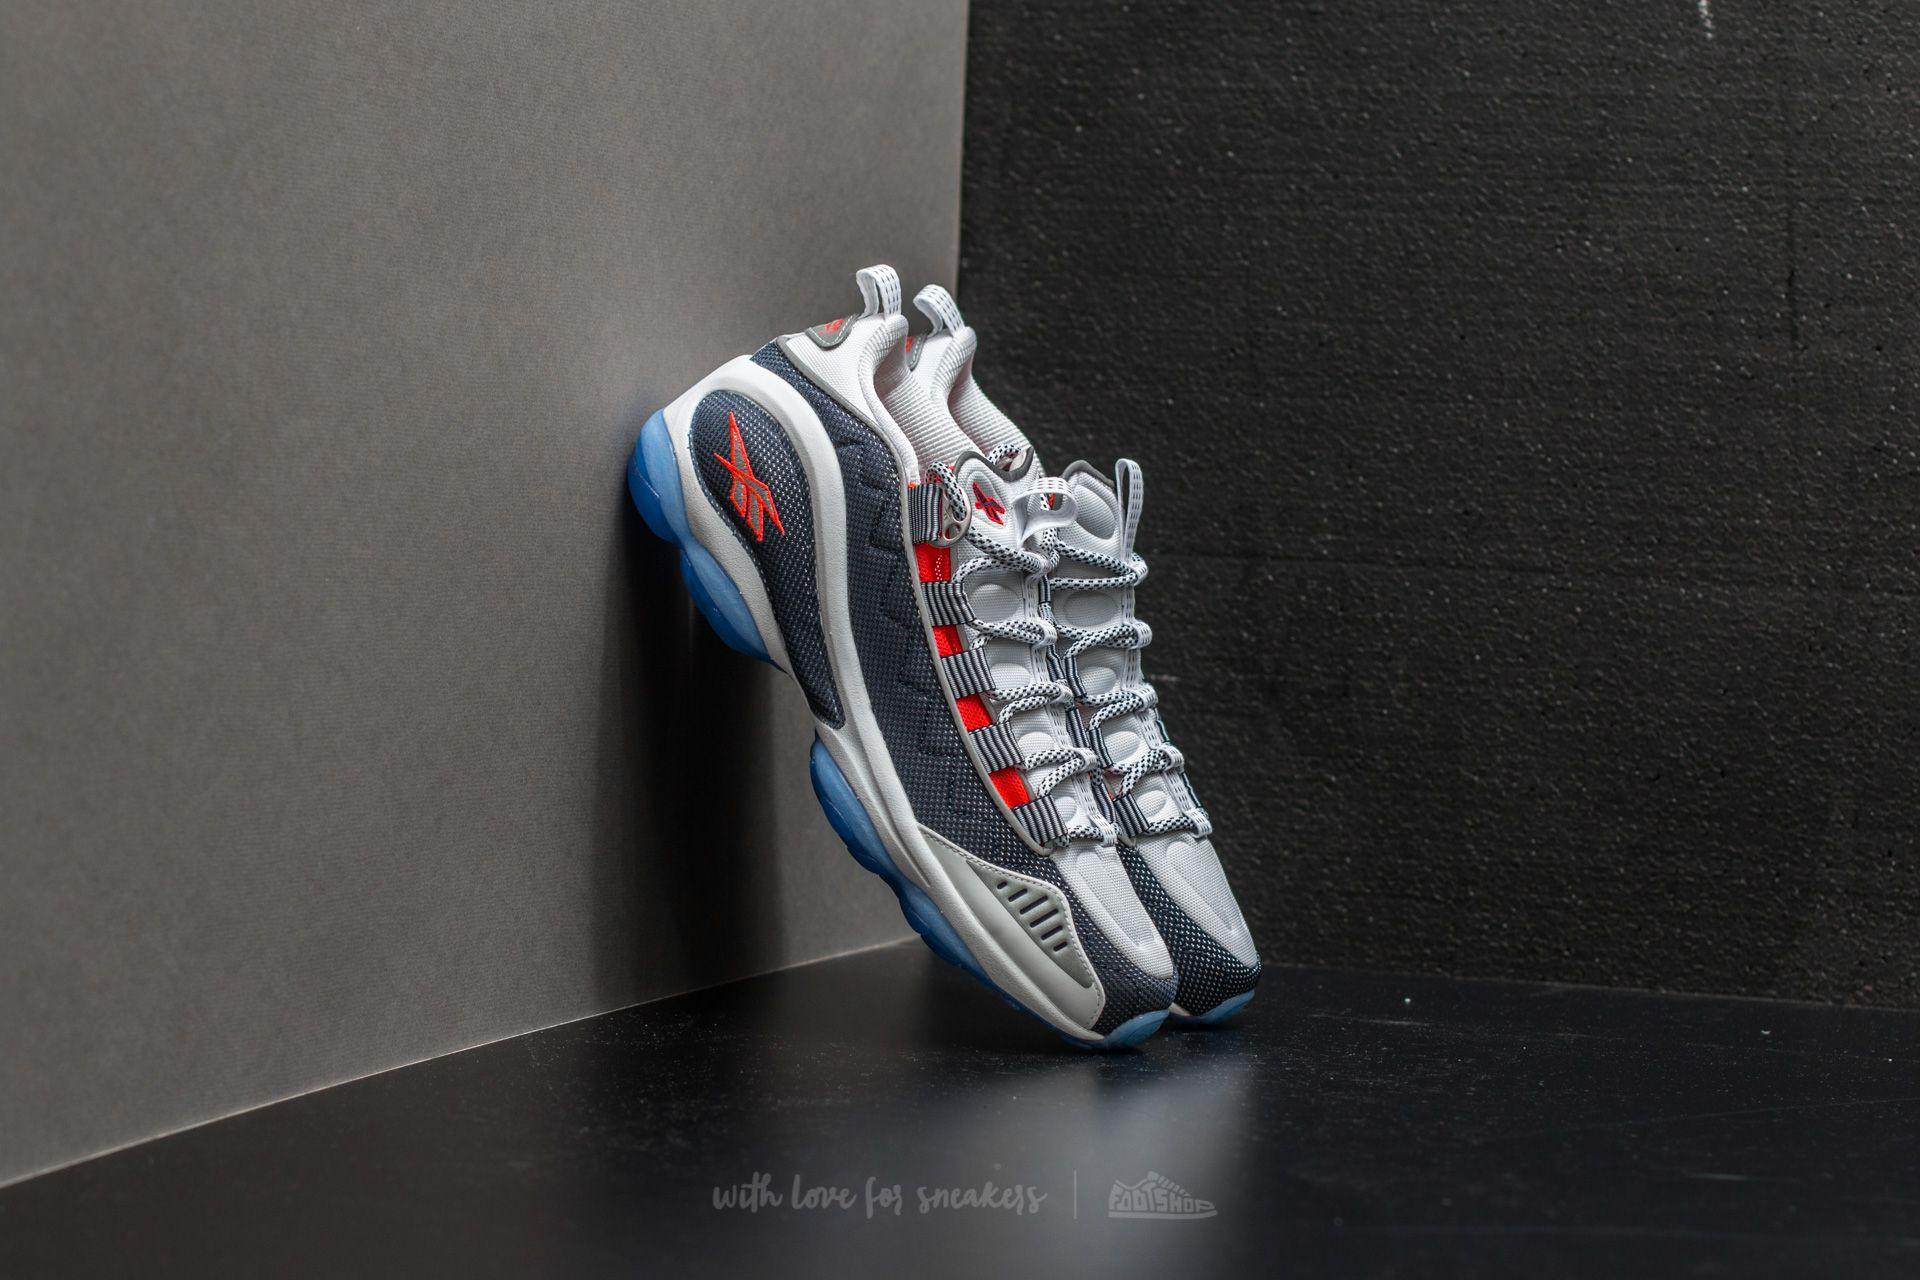 214fdaaa Reebok DMX Run 10 White/ Infinite Blue/ Neon Cherry/ Silver | Footshop